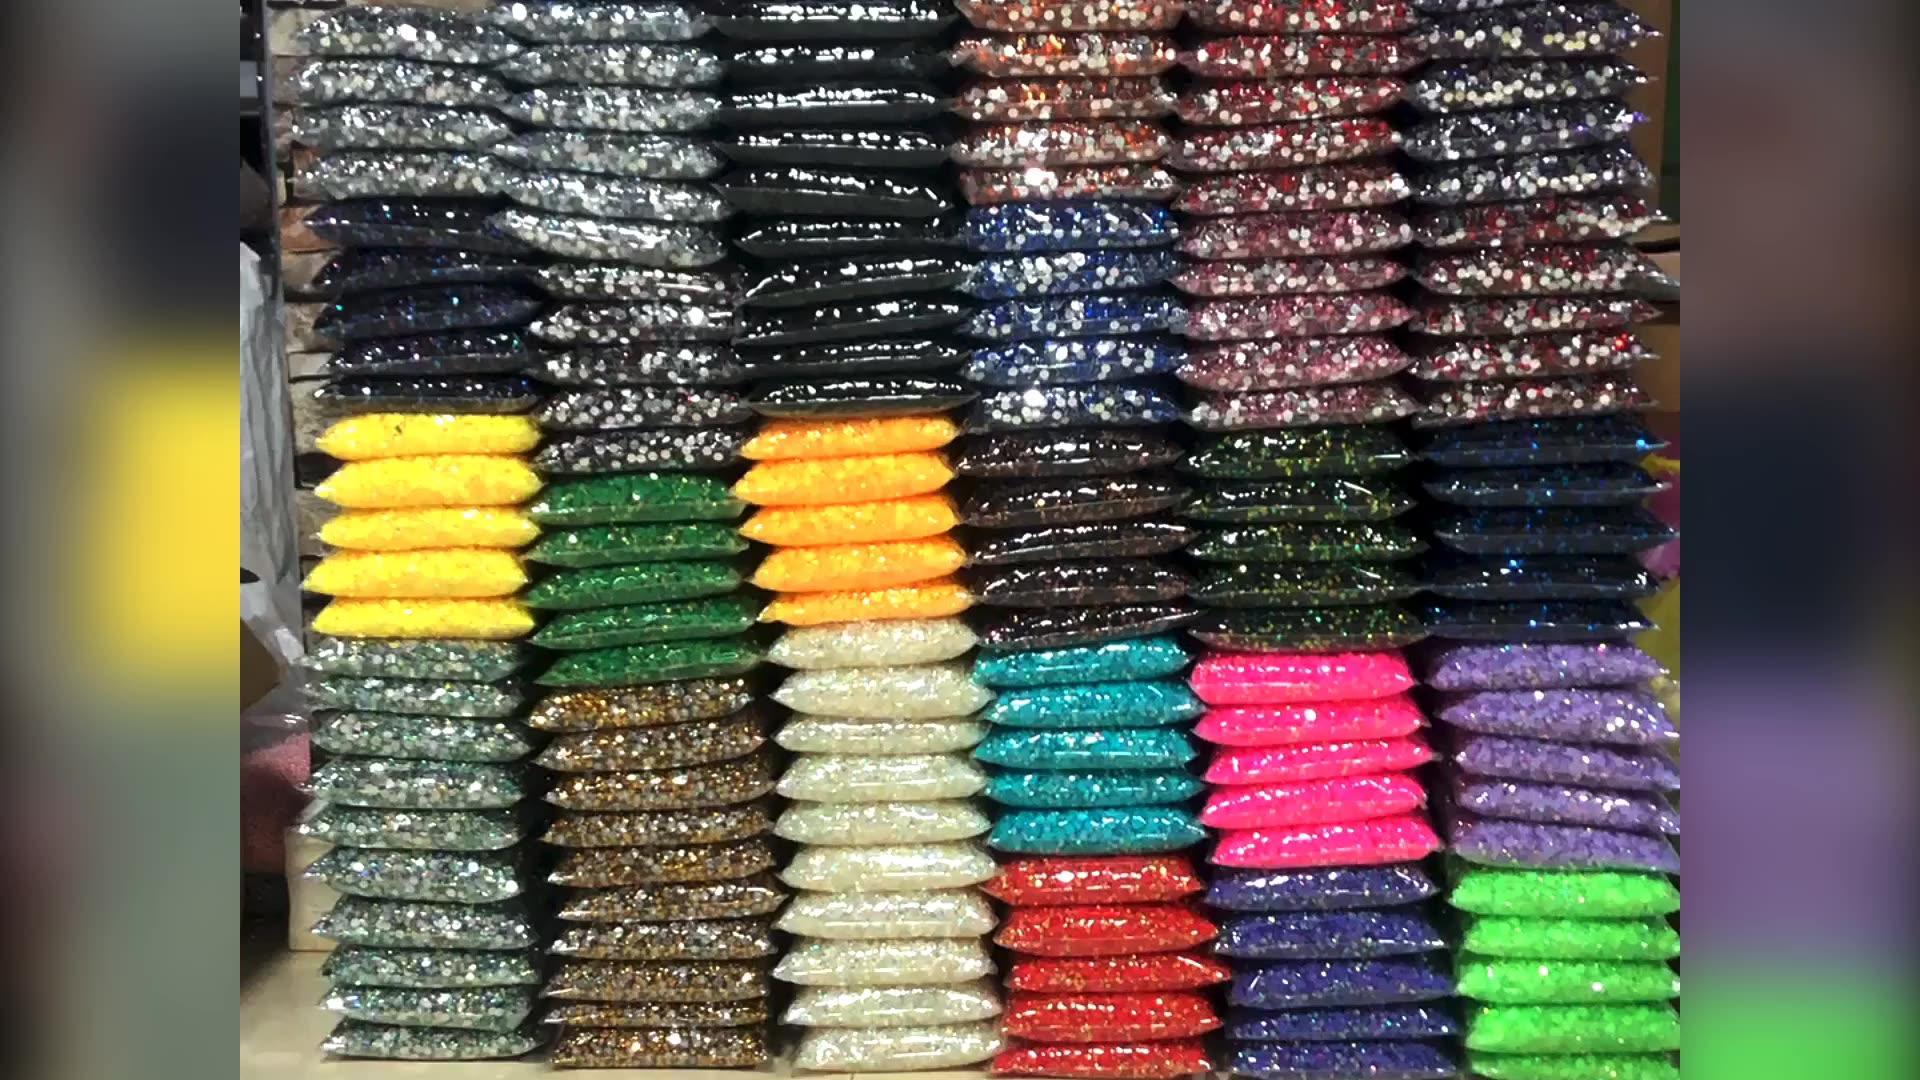 卸売 2 ミリメートル 3 ミリメートル 4 ミリメートル 5 ミリメートル 6 ミリメートルゼリーホワイト ab クリスタルストーンラウンド売春樹脂ラインストーン diy の工芸品